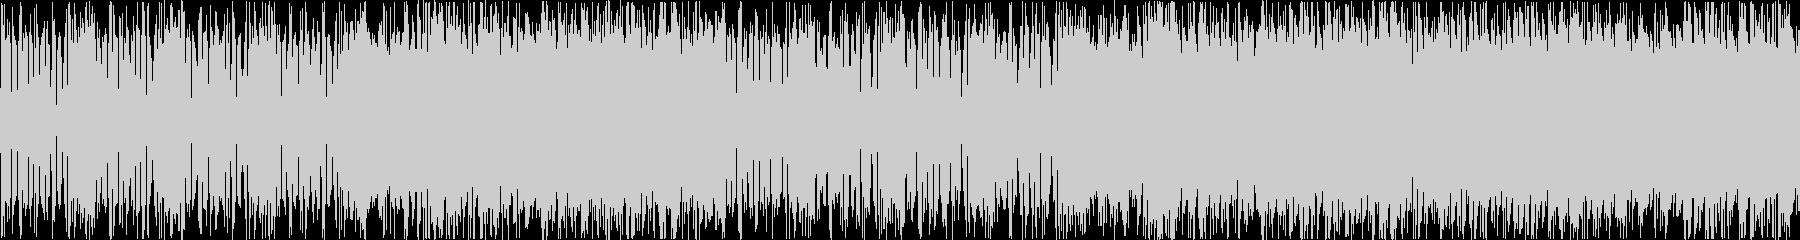 緊迫感のあるBGMアップテンポな曲です。の未再生の波形